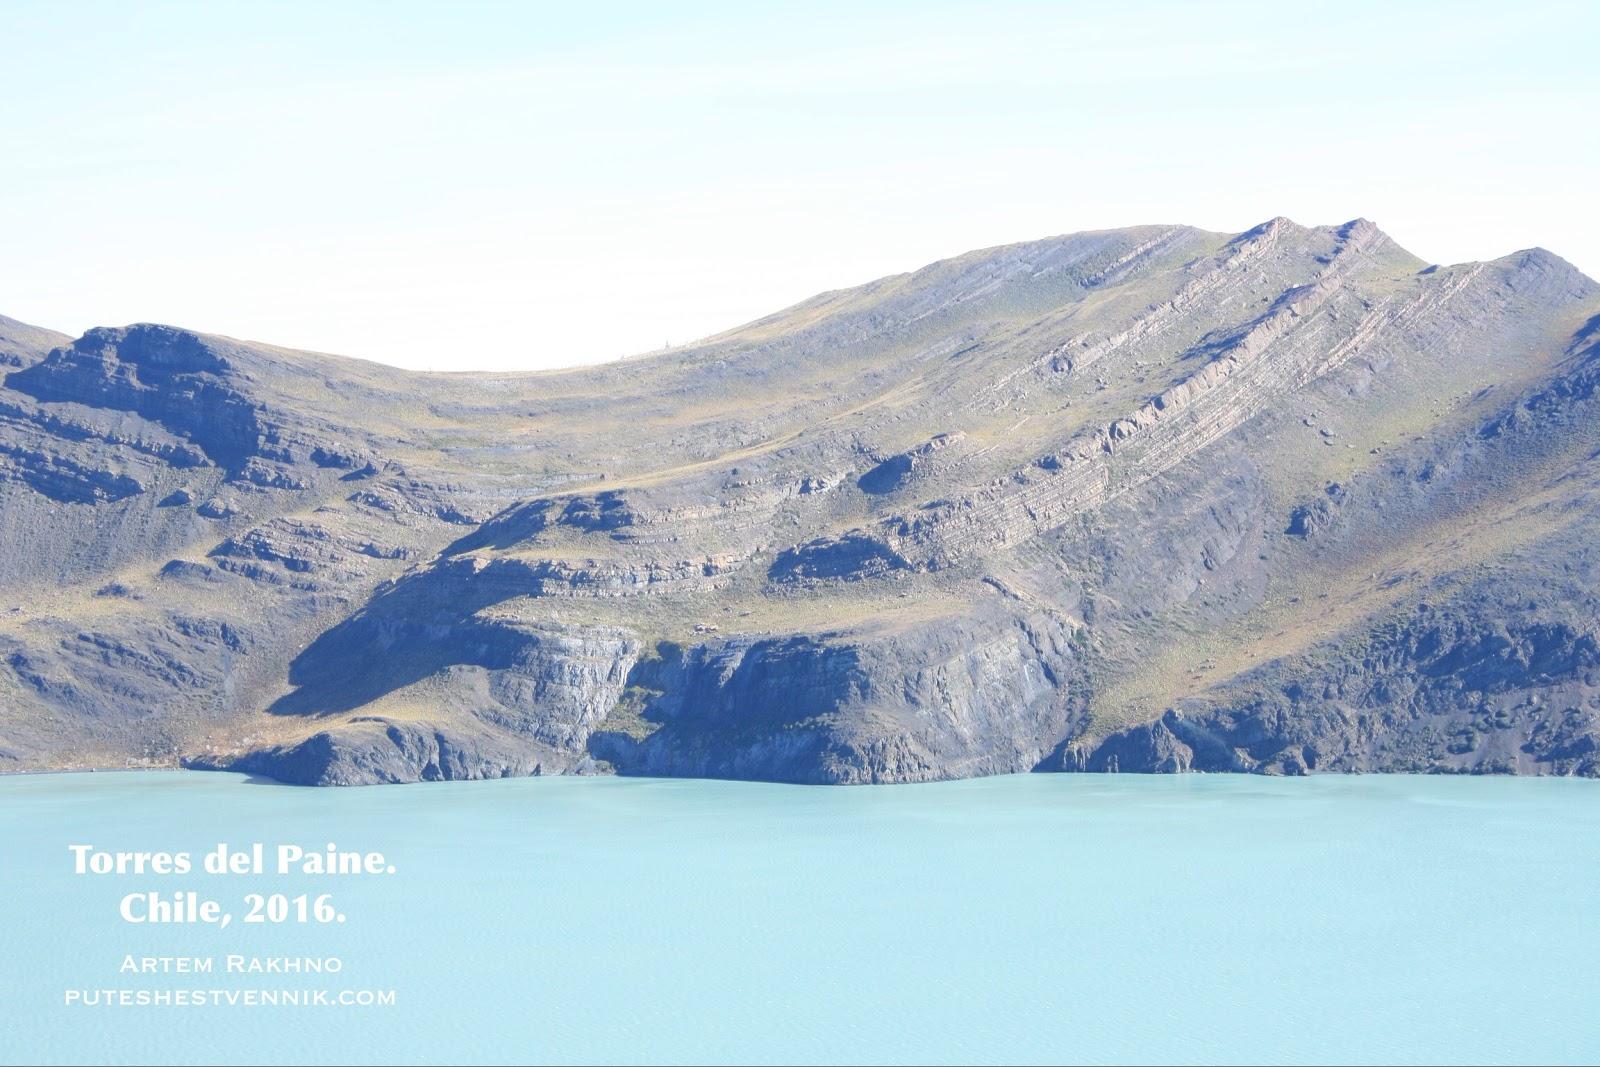 Гора и озеро в Торрес-дель-Пайне